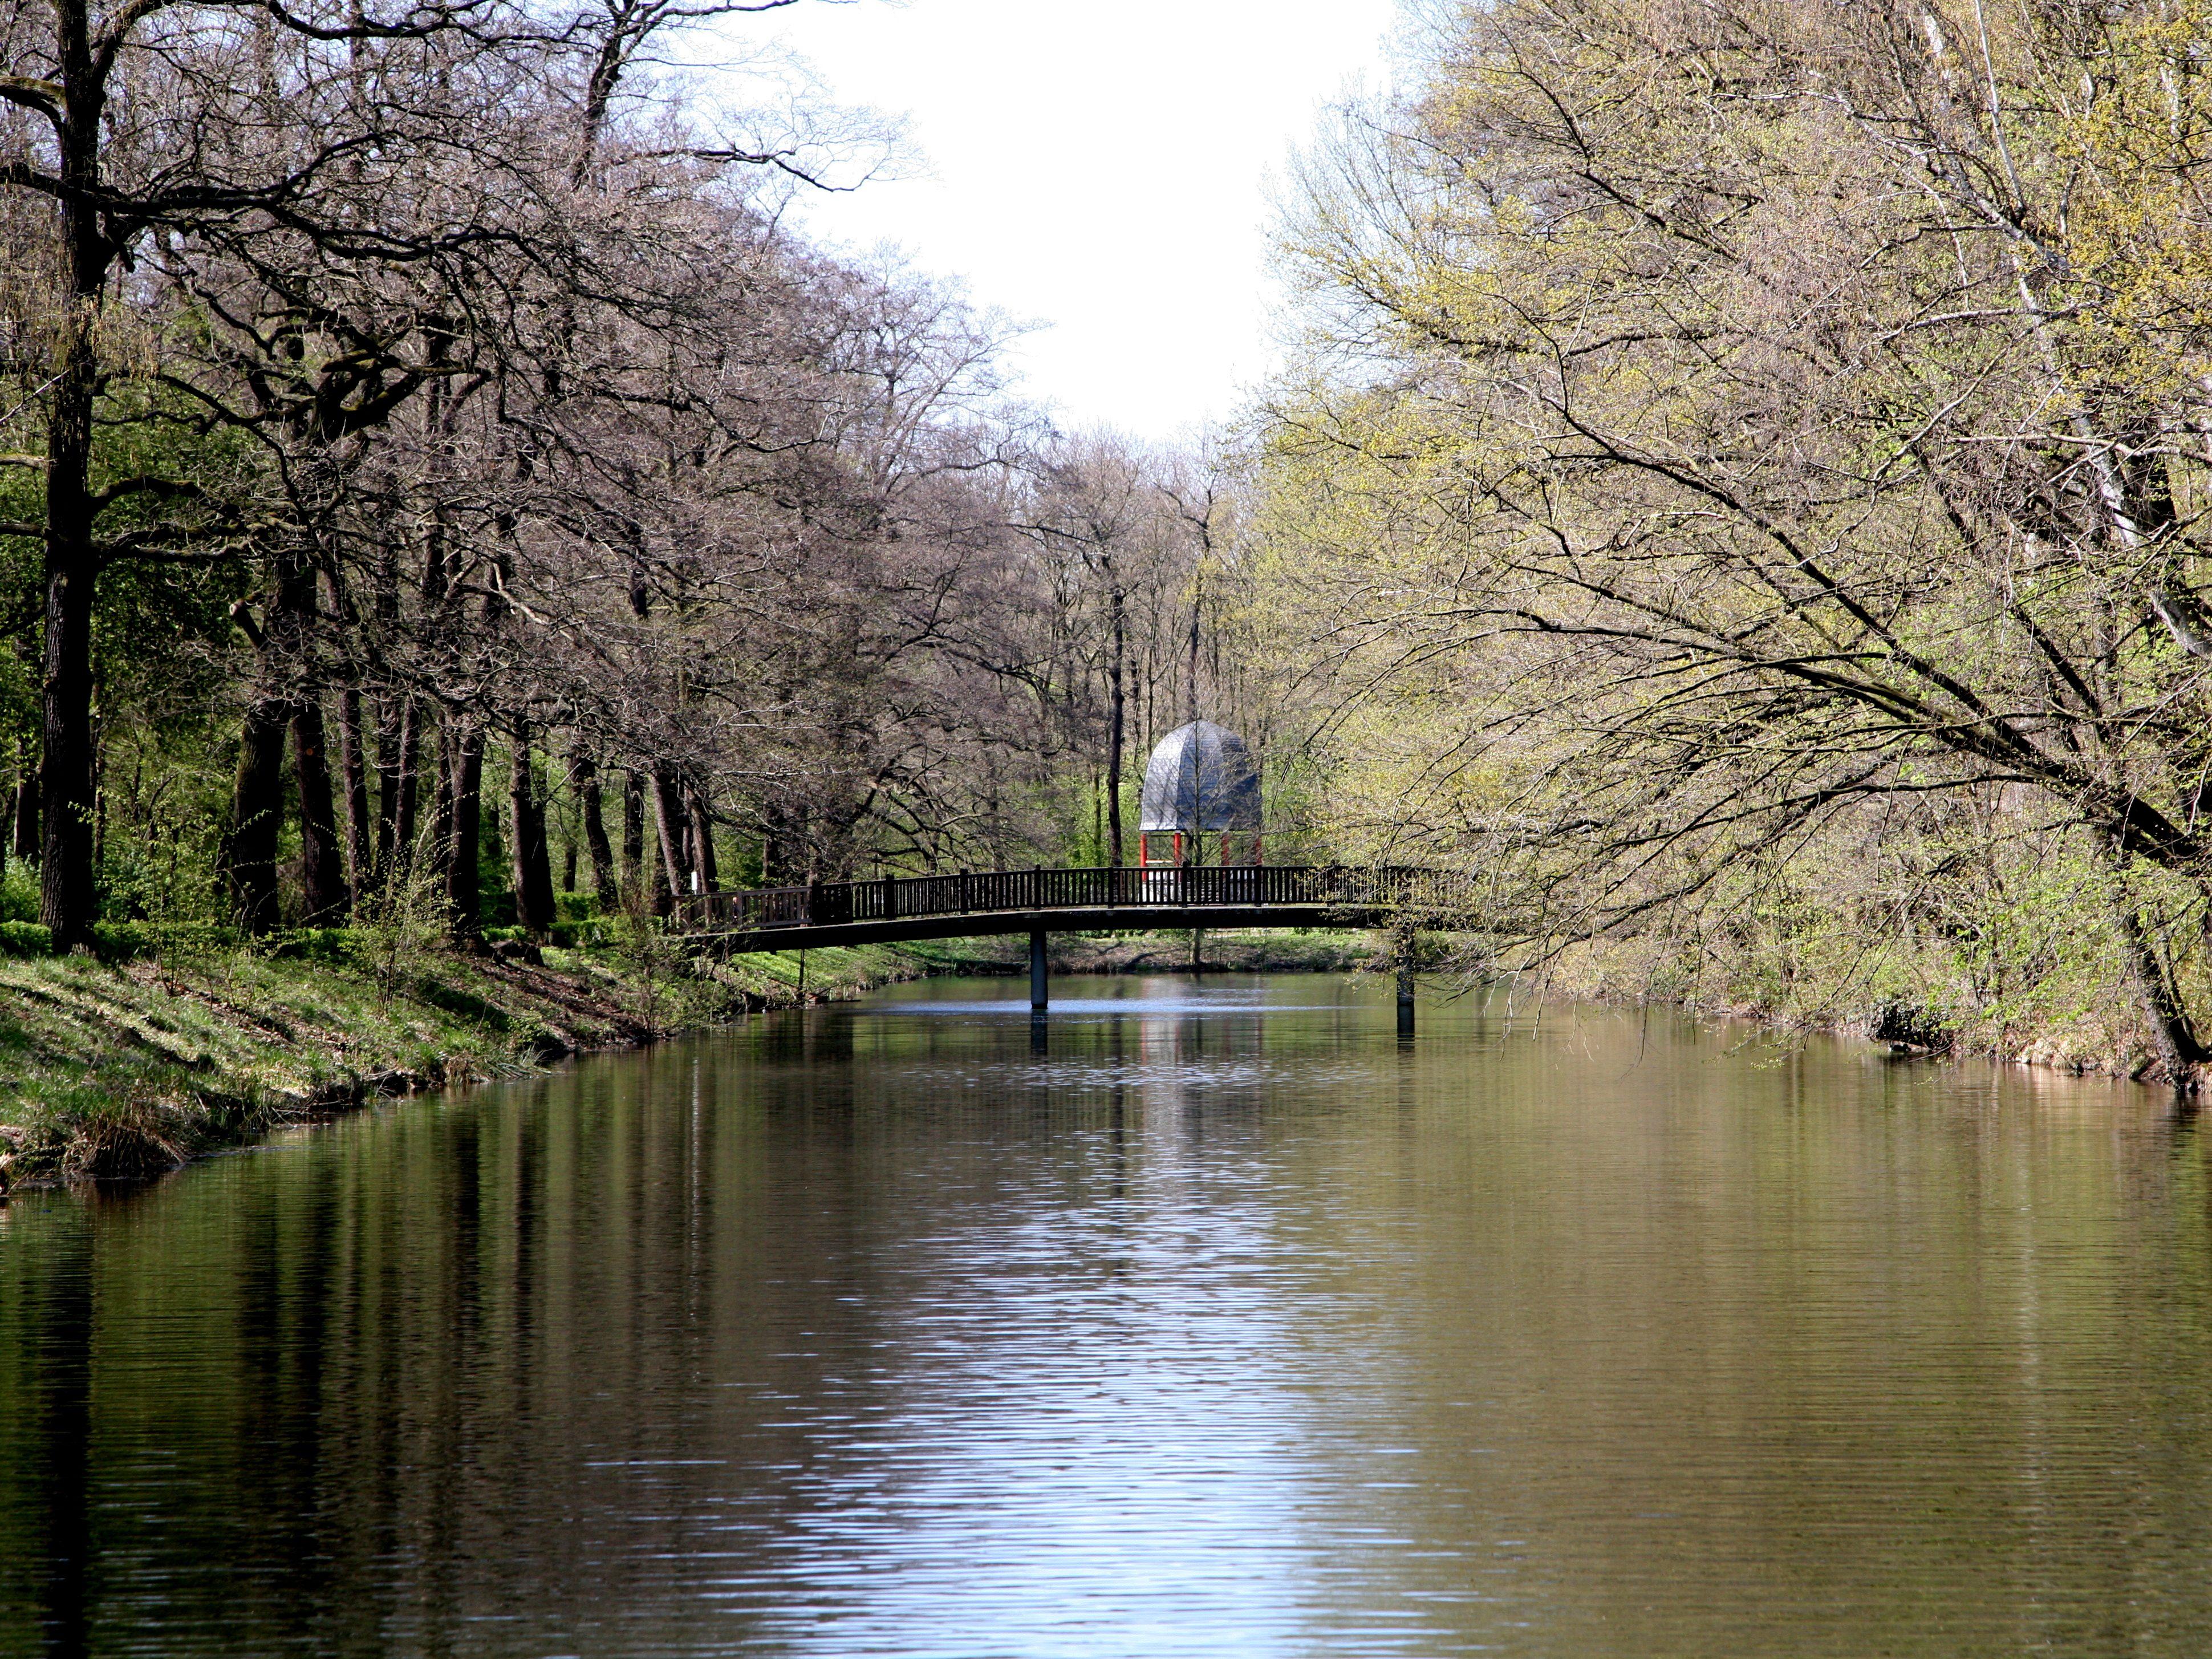 Viel Wasser, viel Natur: Der Volkspark Jungfernheide bietet Erholung verschiedenster Art